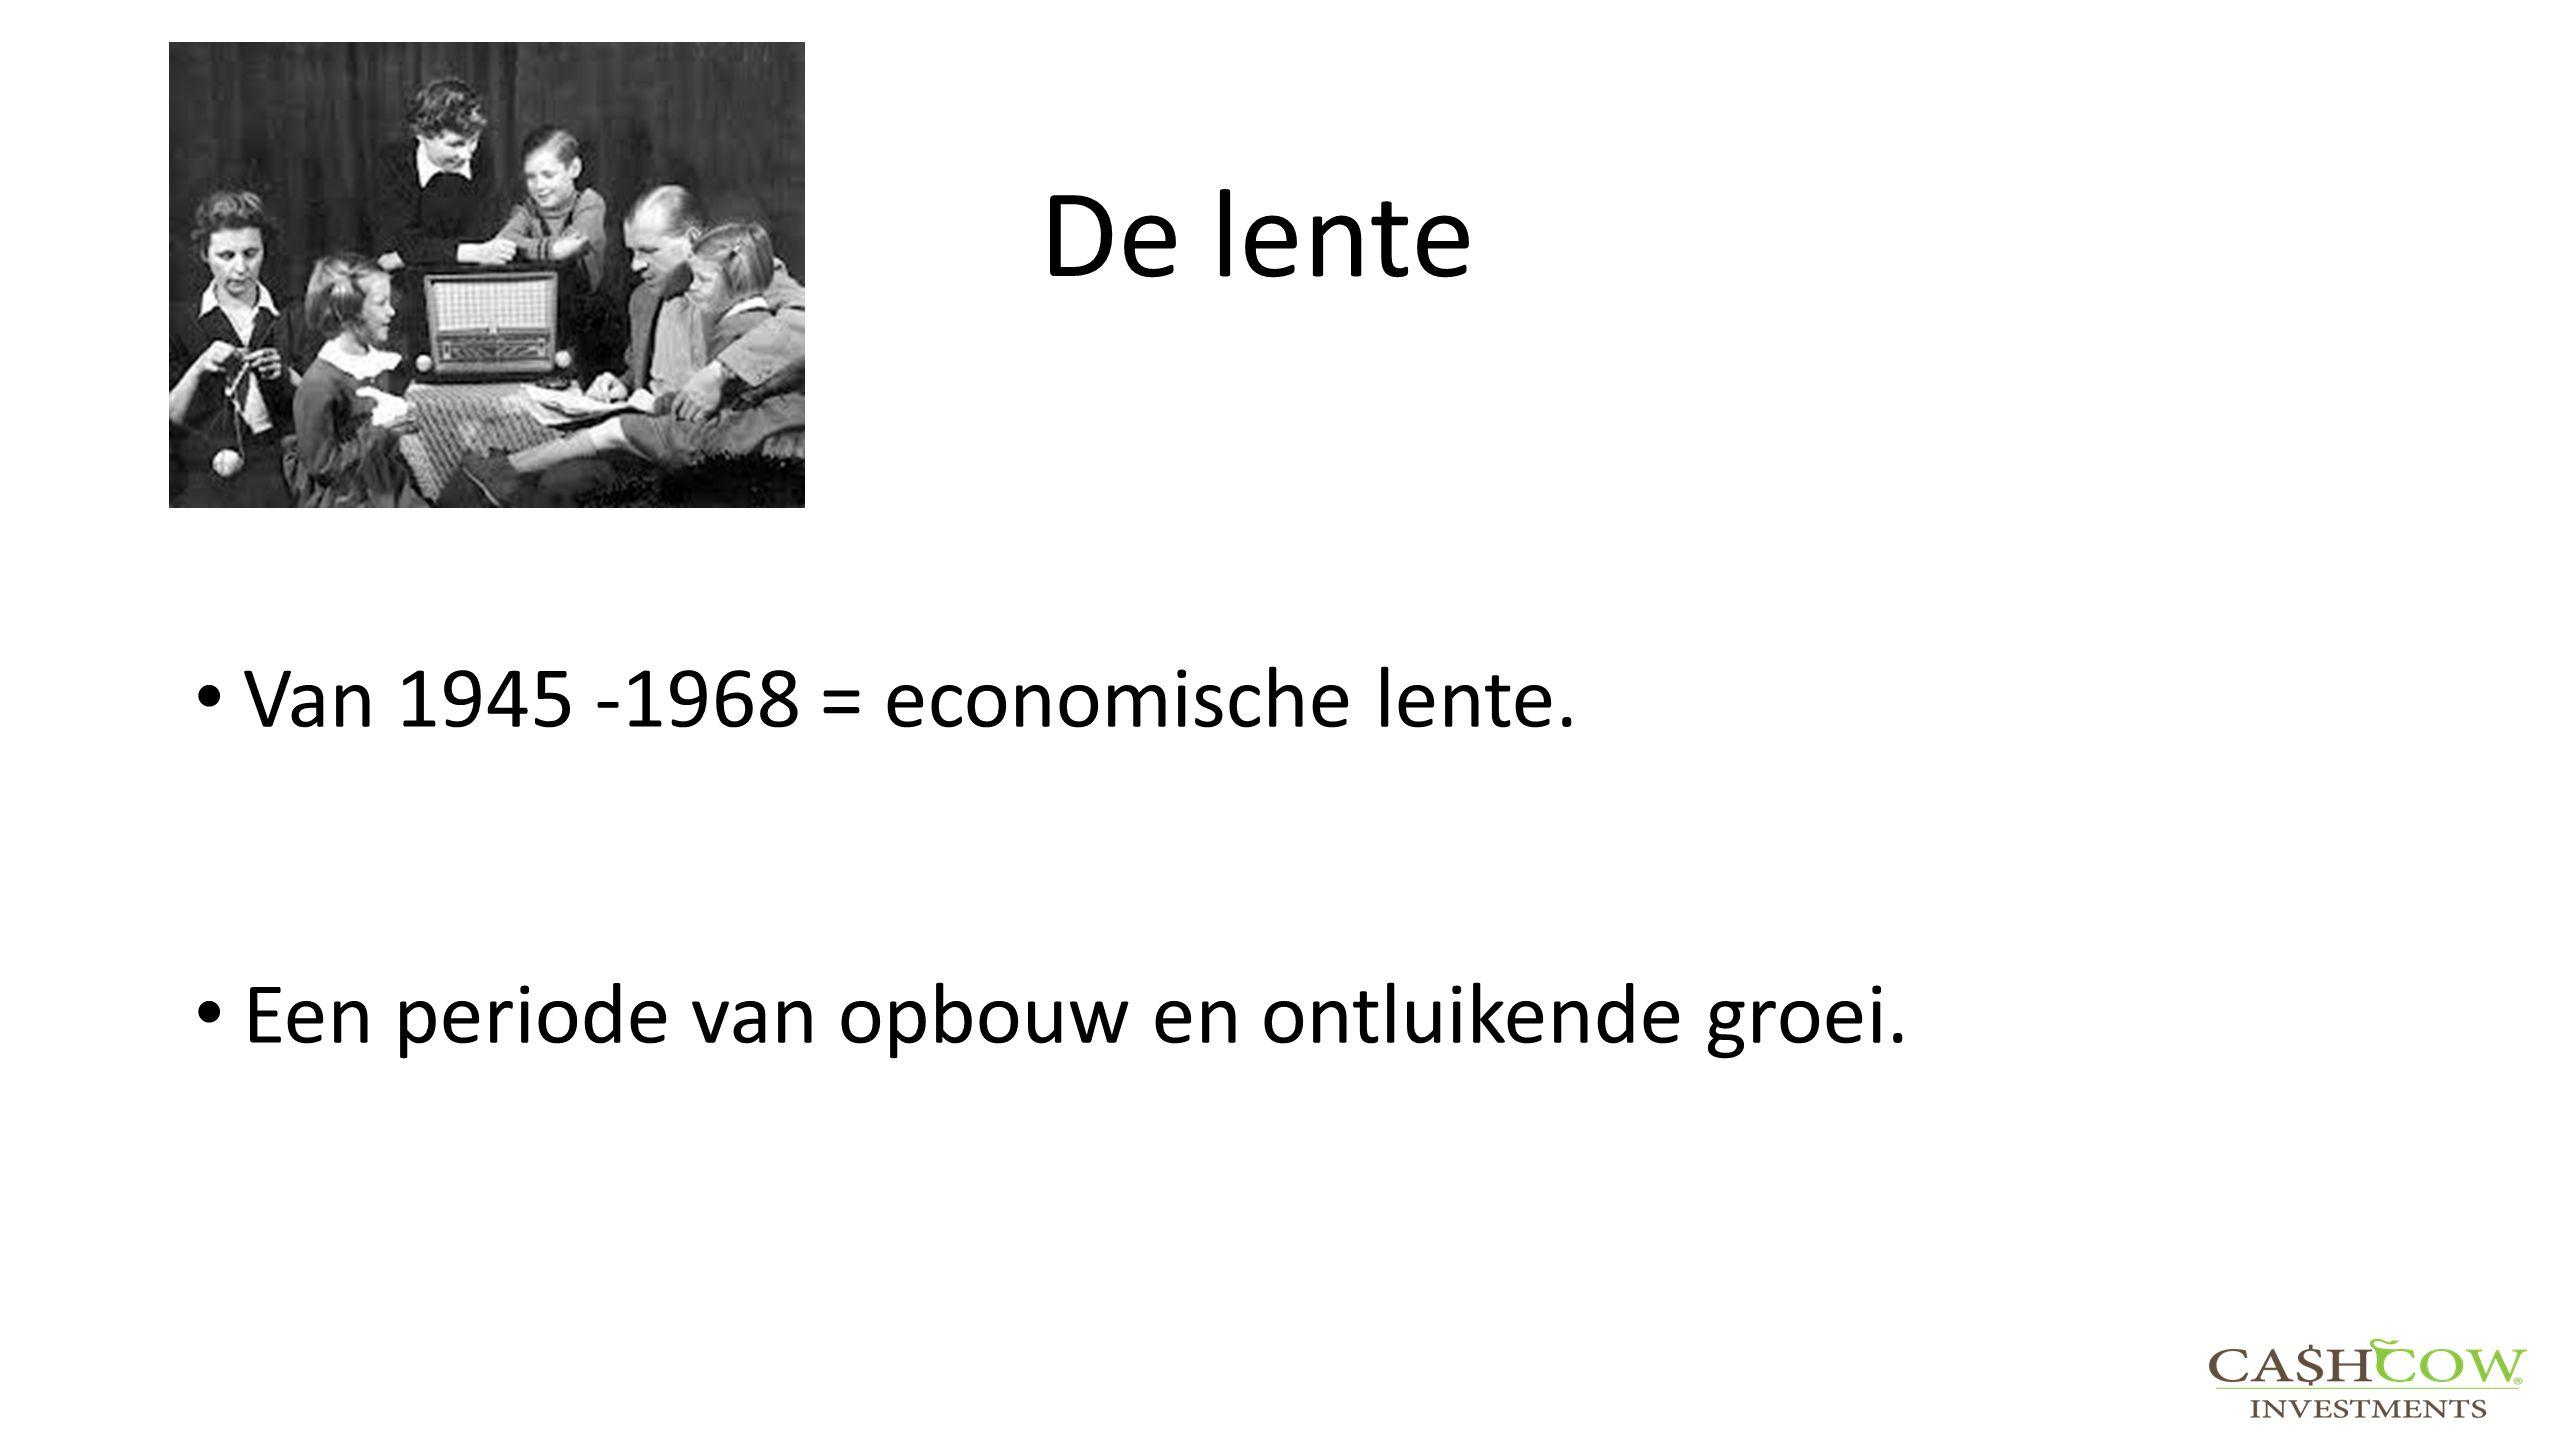 De lente Van 1945 -1968 = economische lente. Een periode van opbouw en ontluikende groei.